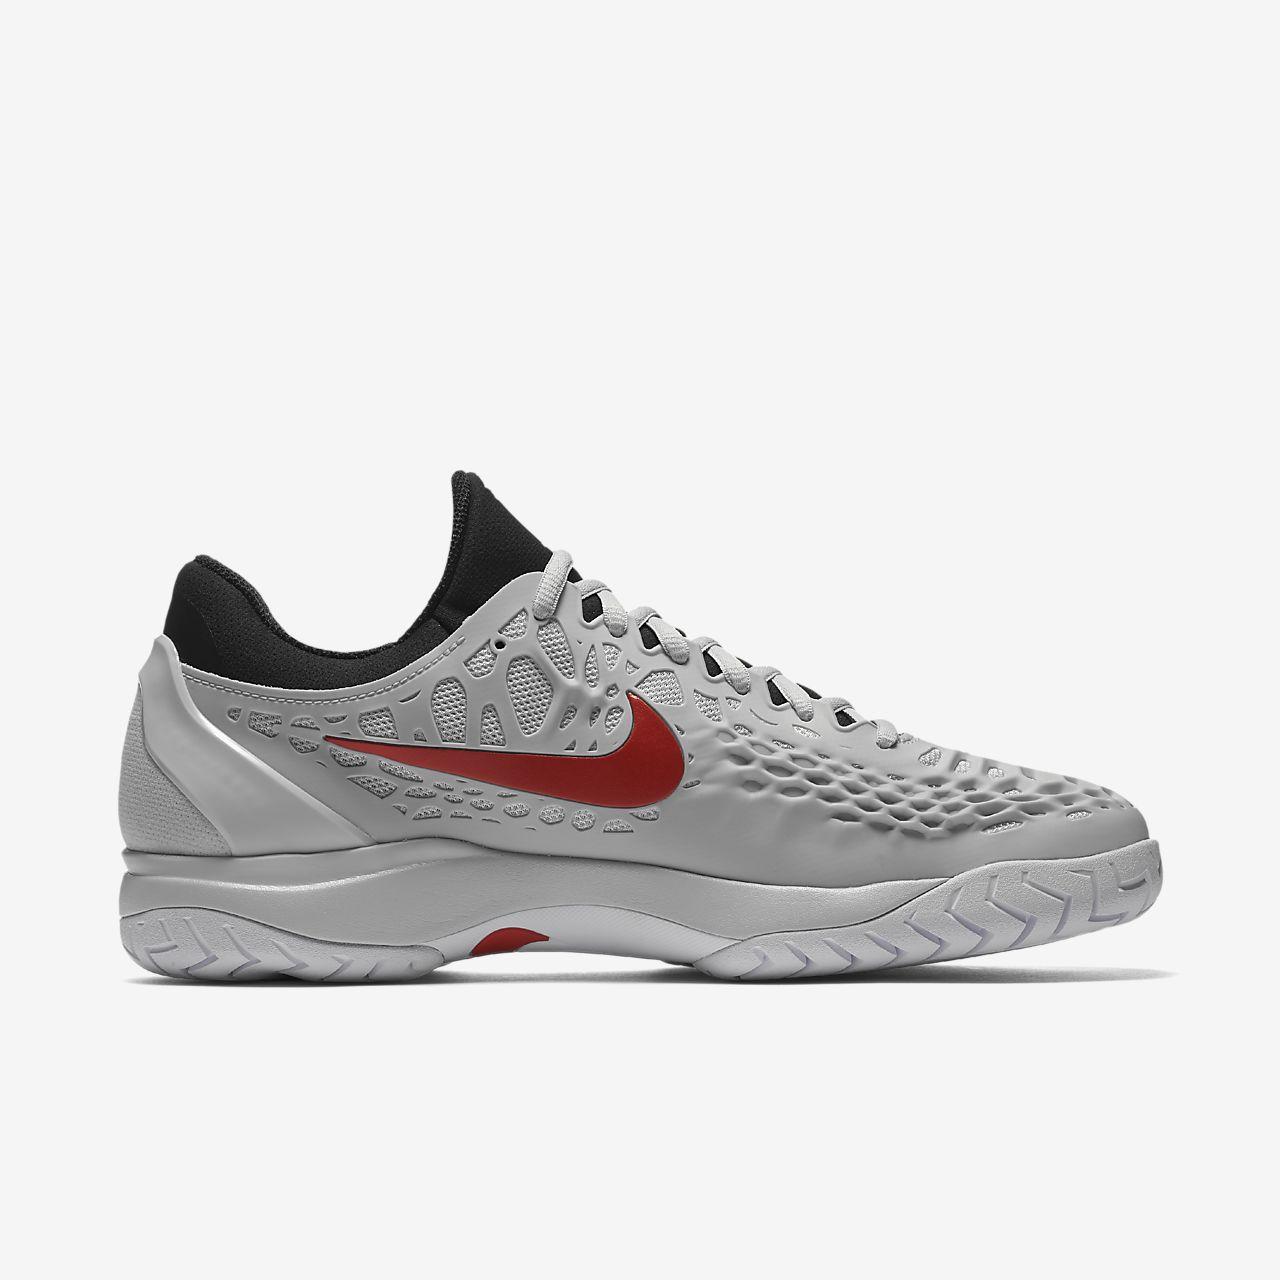 ... Nike Zoom Cage 3 HC Men's Tennis Shoe